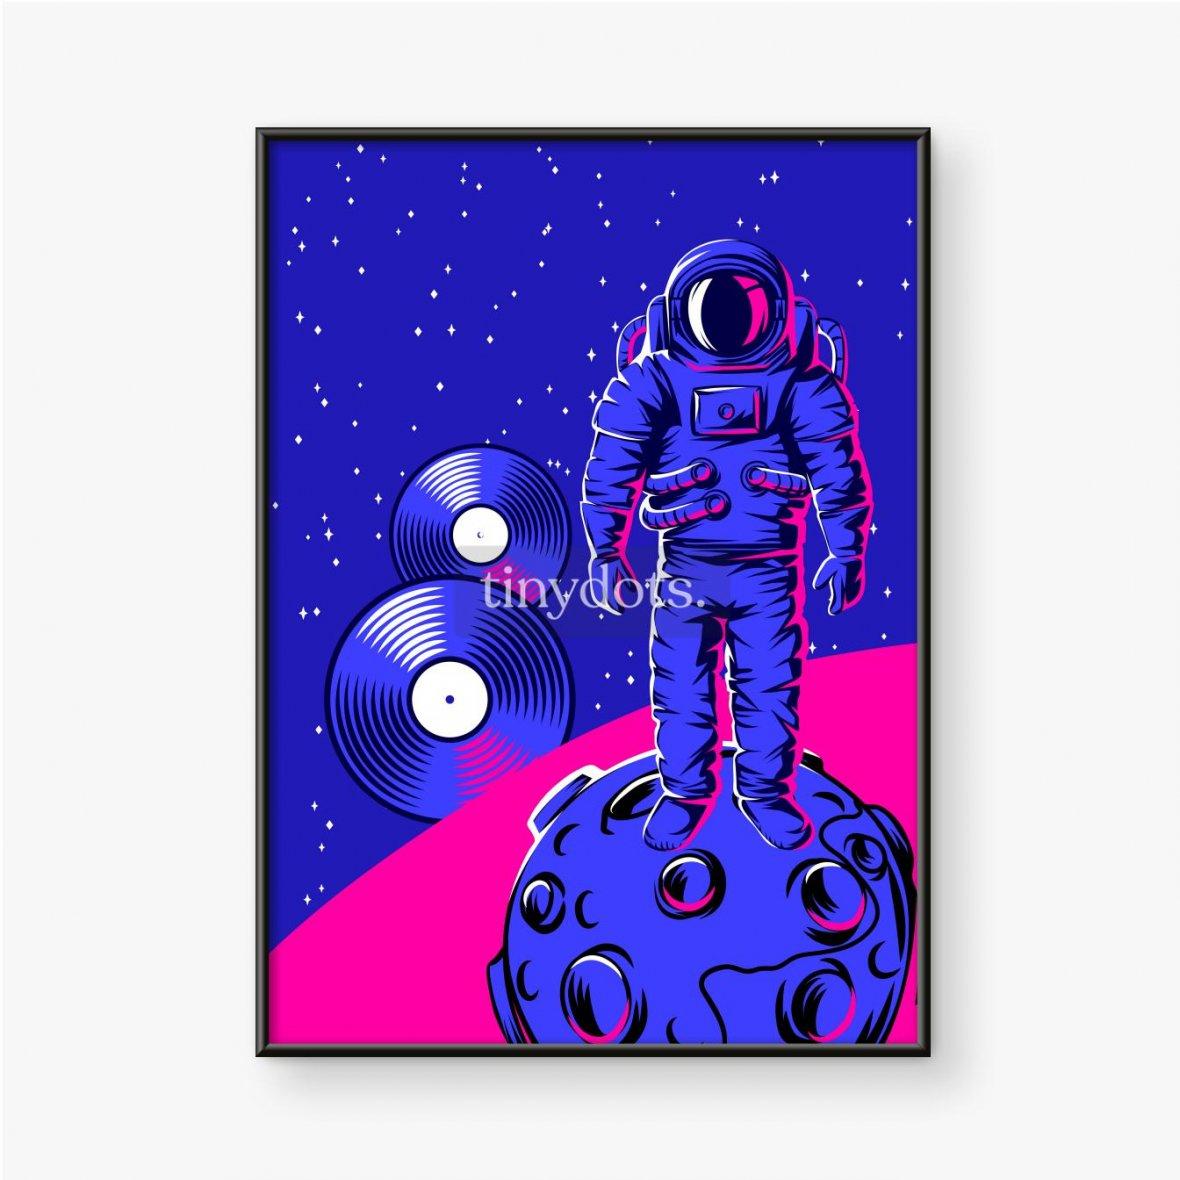 Gerahmtes Poster Astronaut auf Mond in rosa und blauen Farben